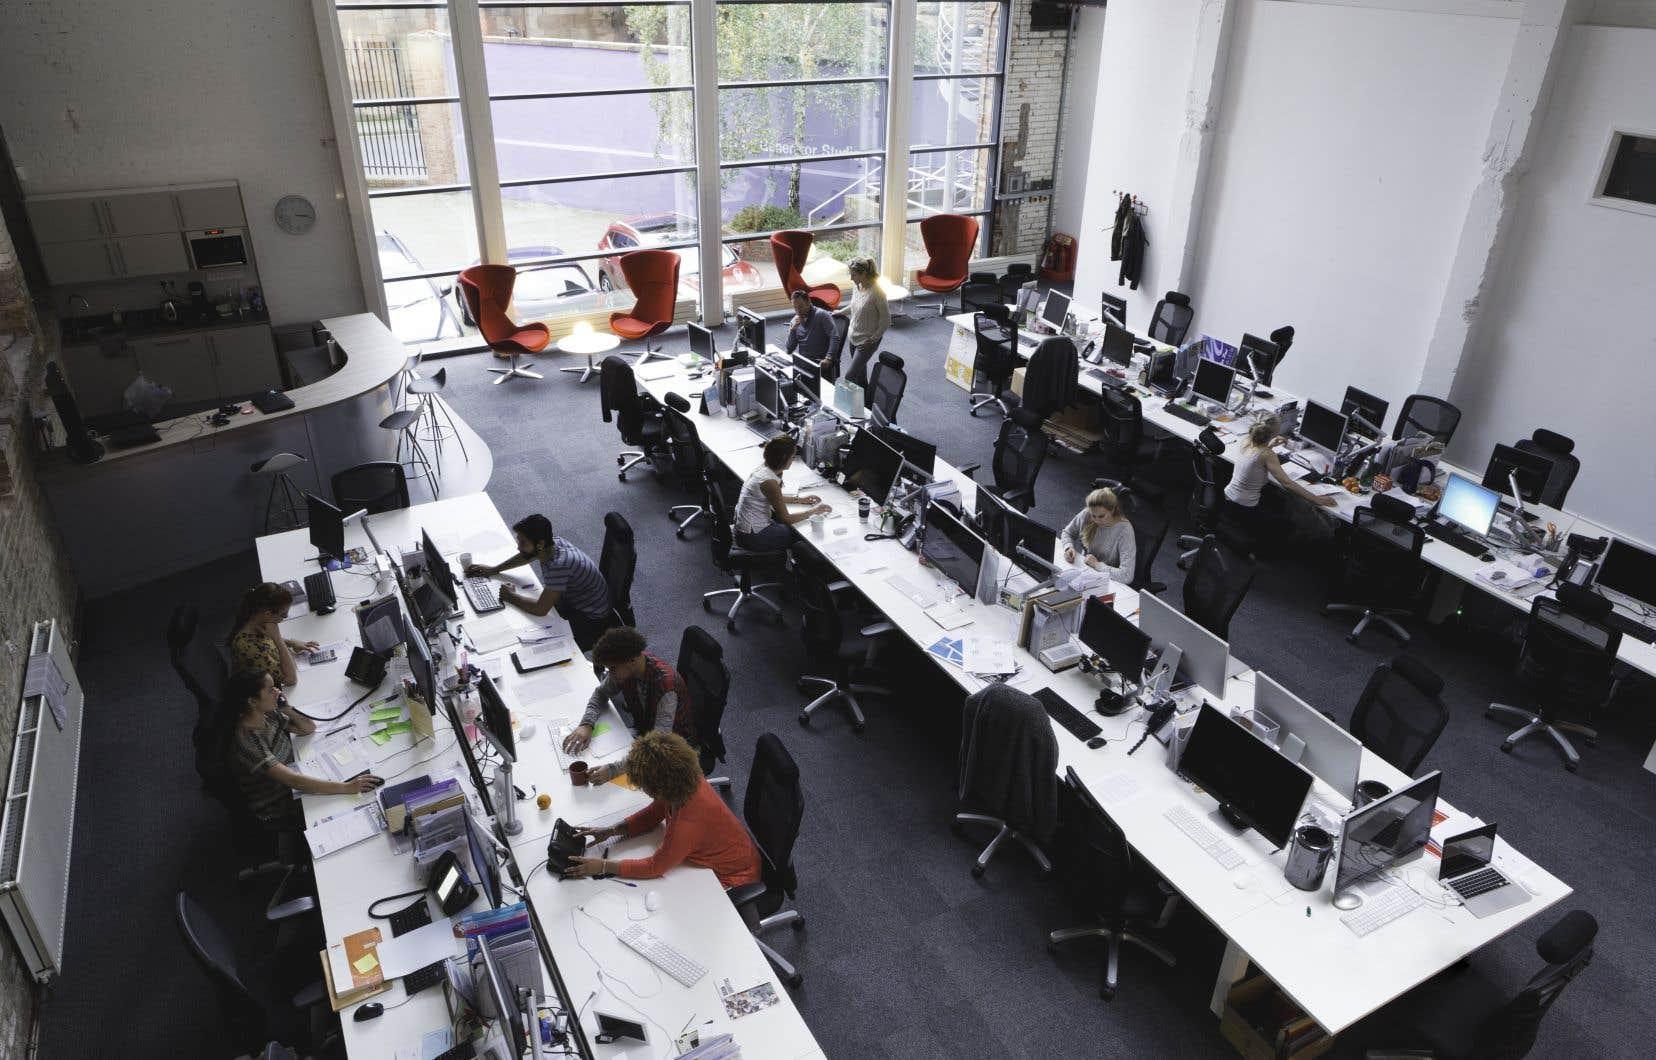 Les environnements physiques de travail sont en profonde mutation: bureaux ouverts, espace partagé, mise en disponibilité de services de divertissement ou délocalisation de la prestation de travail, soulignent les auteurs.